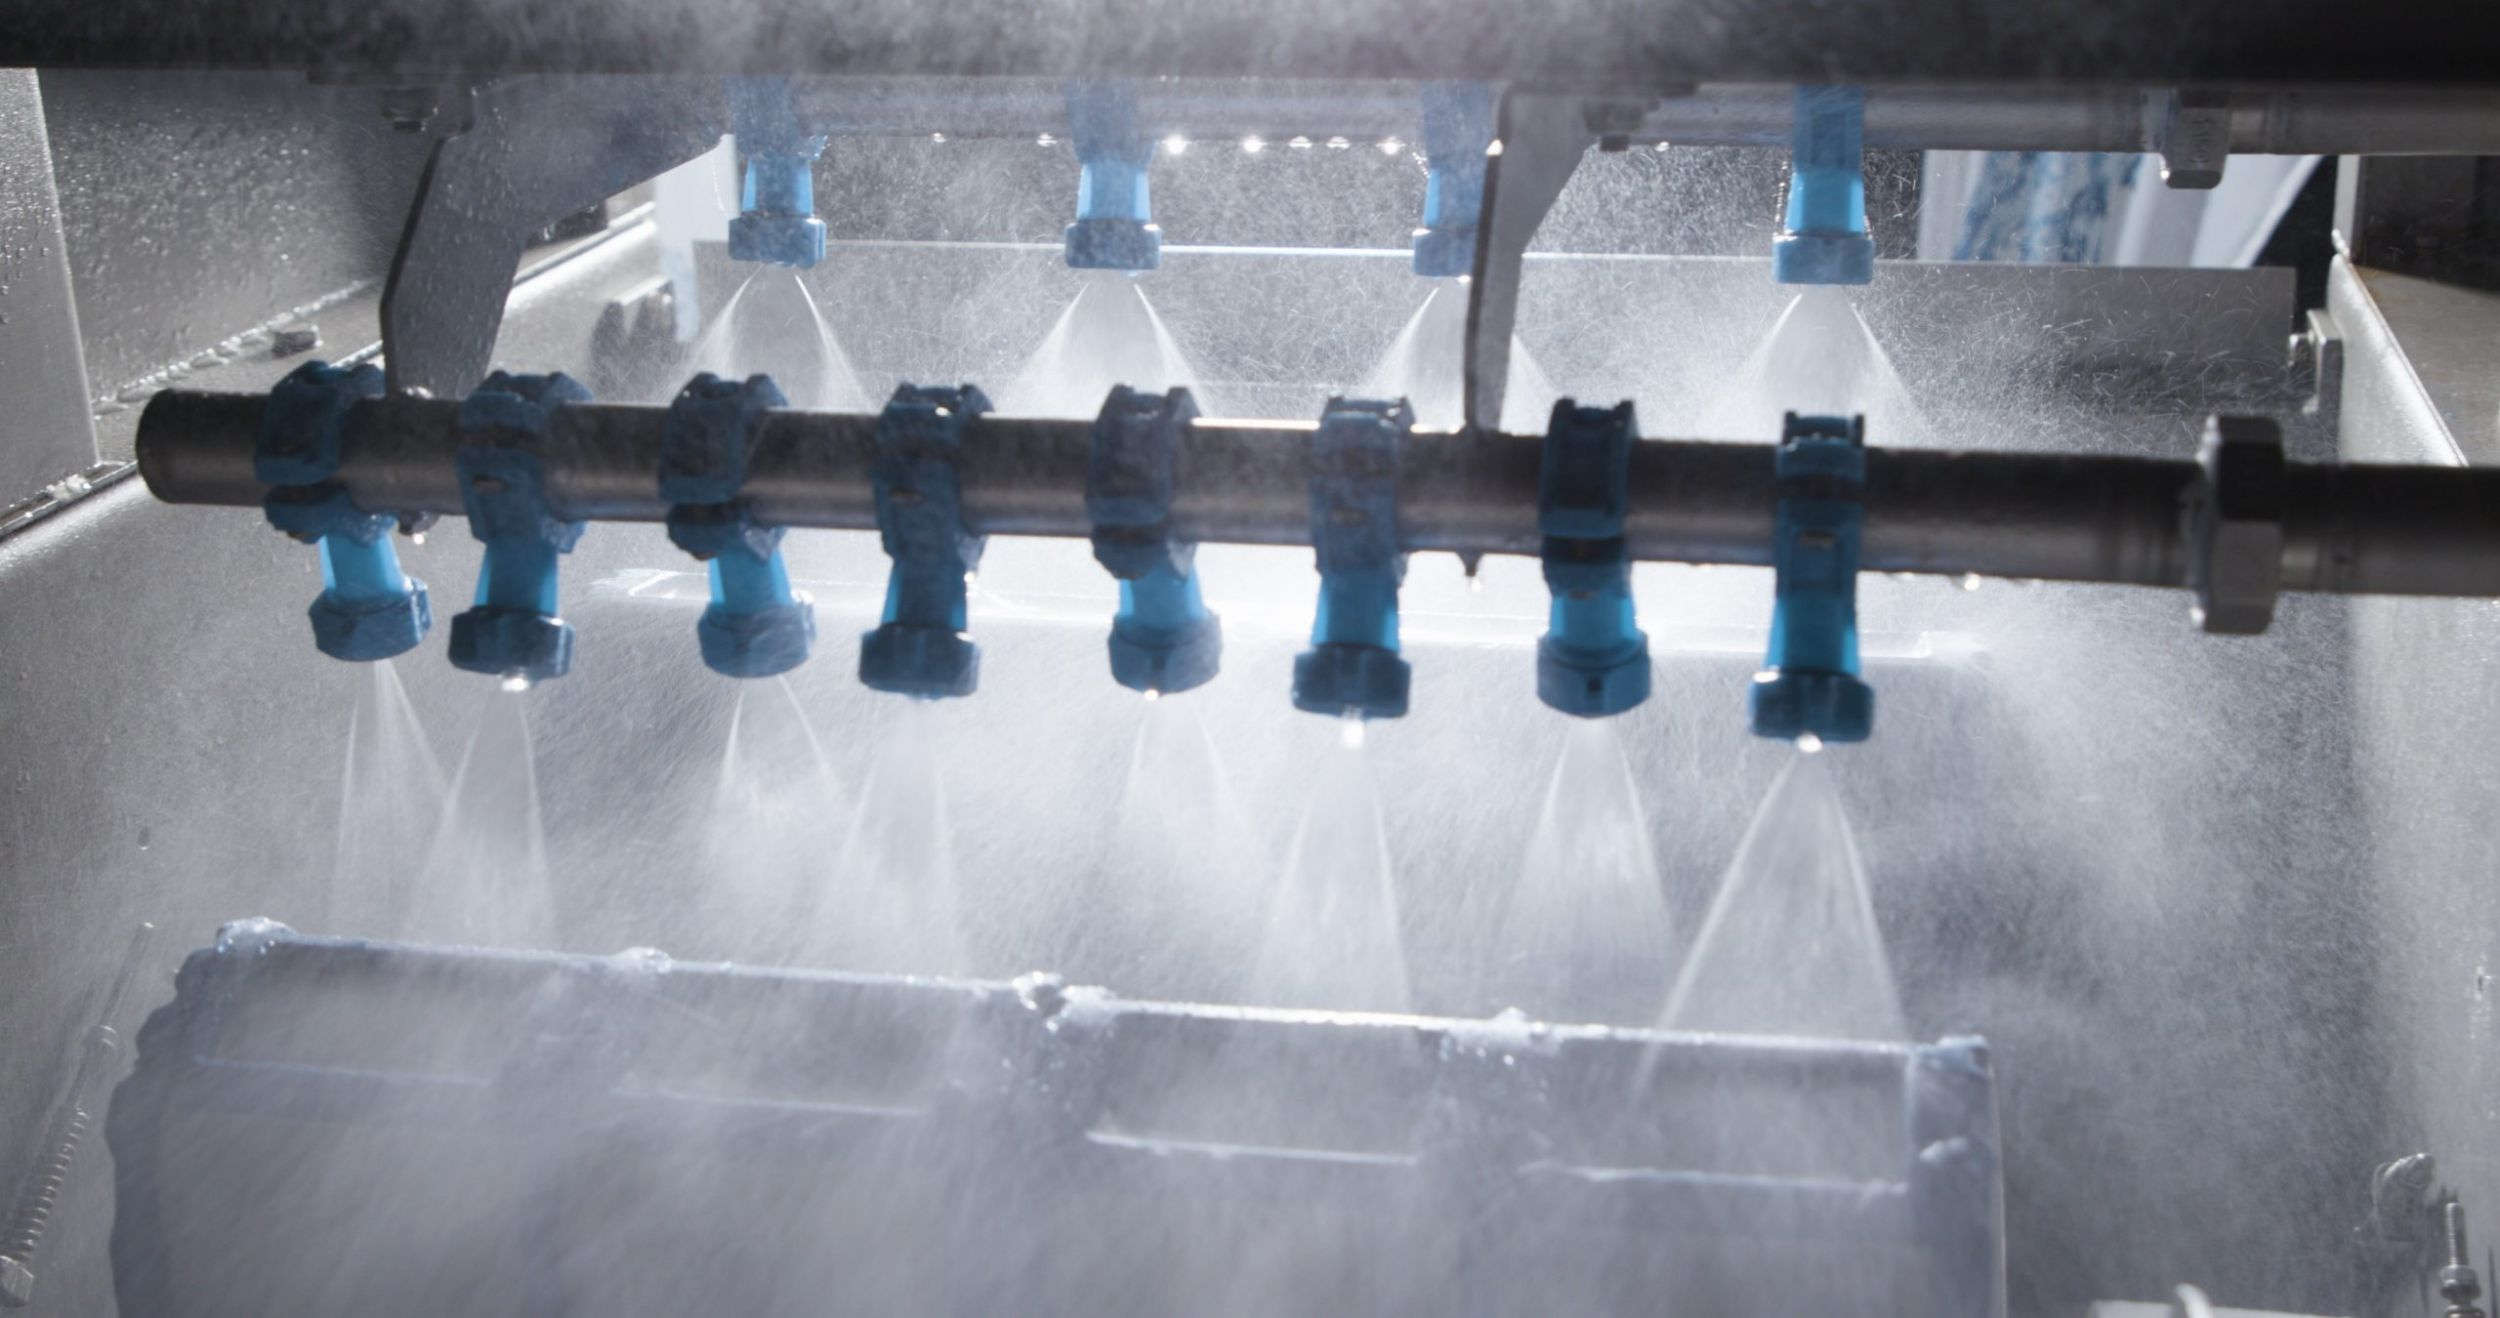 Sauberes Trinkwasser ist nicht selbstverständlich